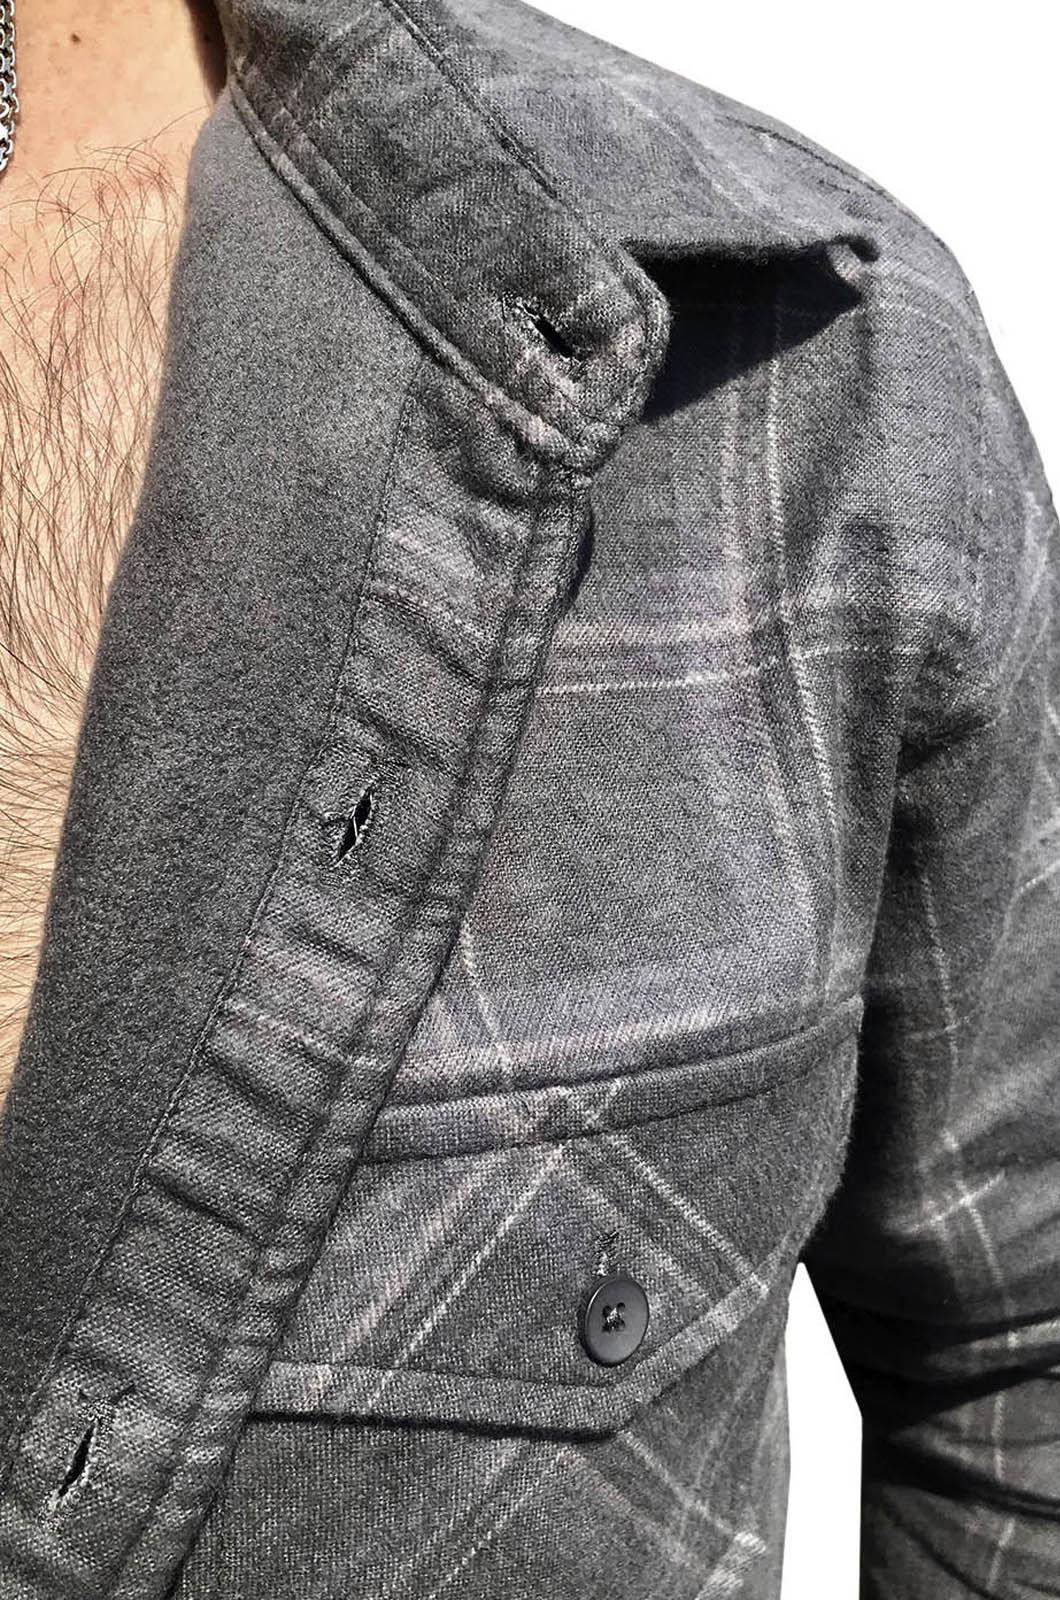 Рубашка с шевроном Военной разведки 24 ОБрСпН купить выгодно